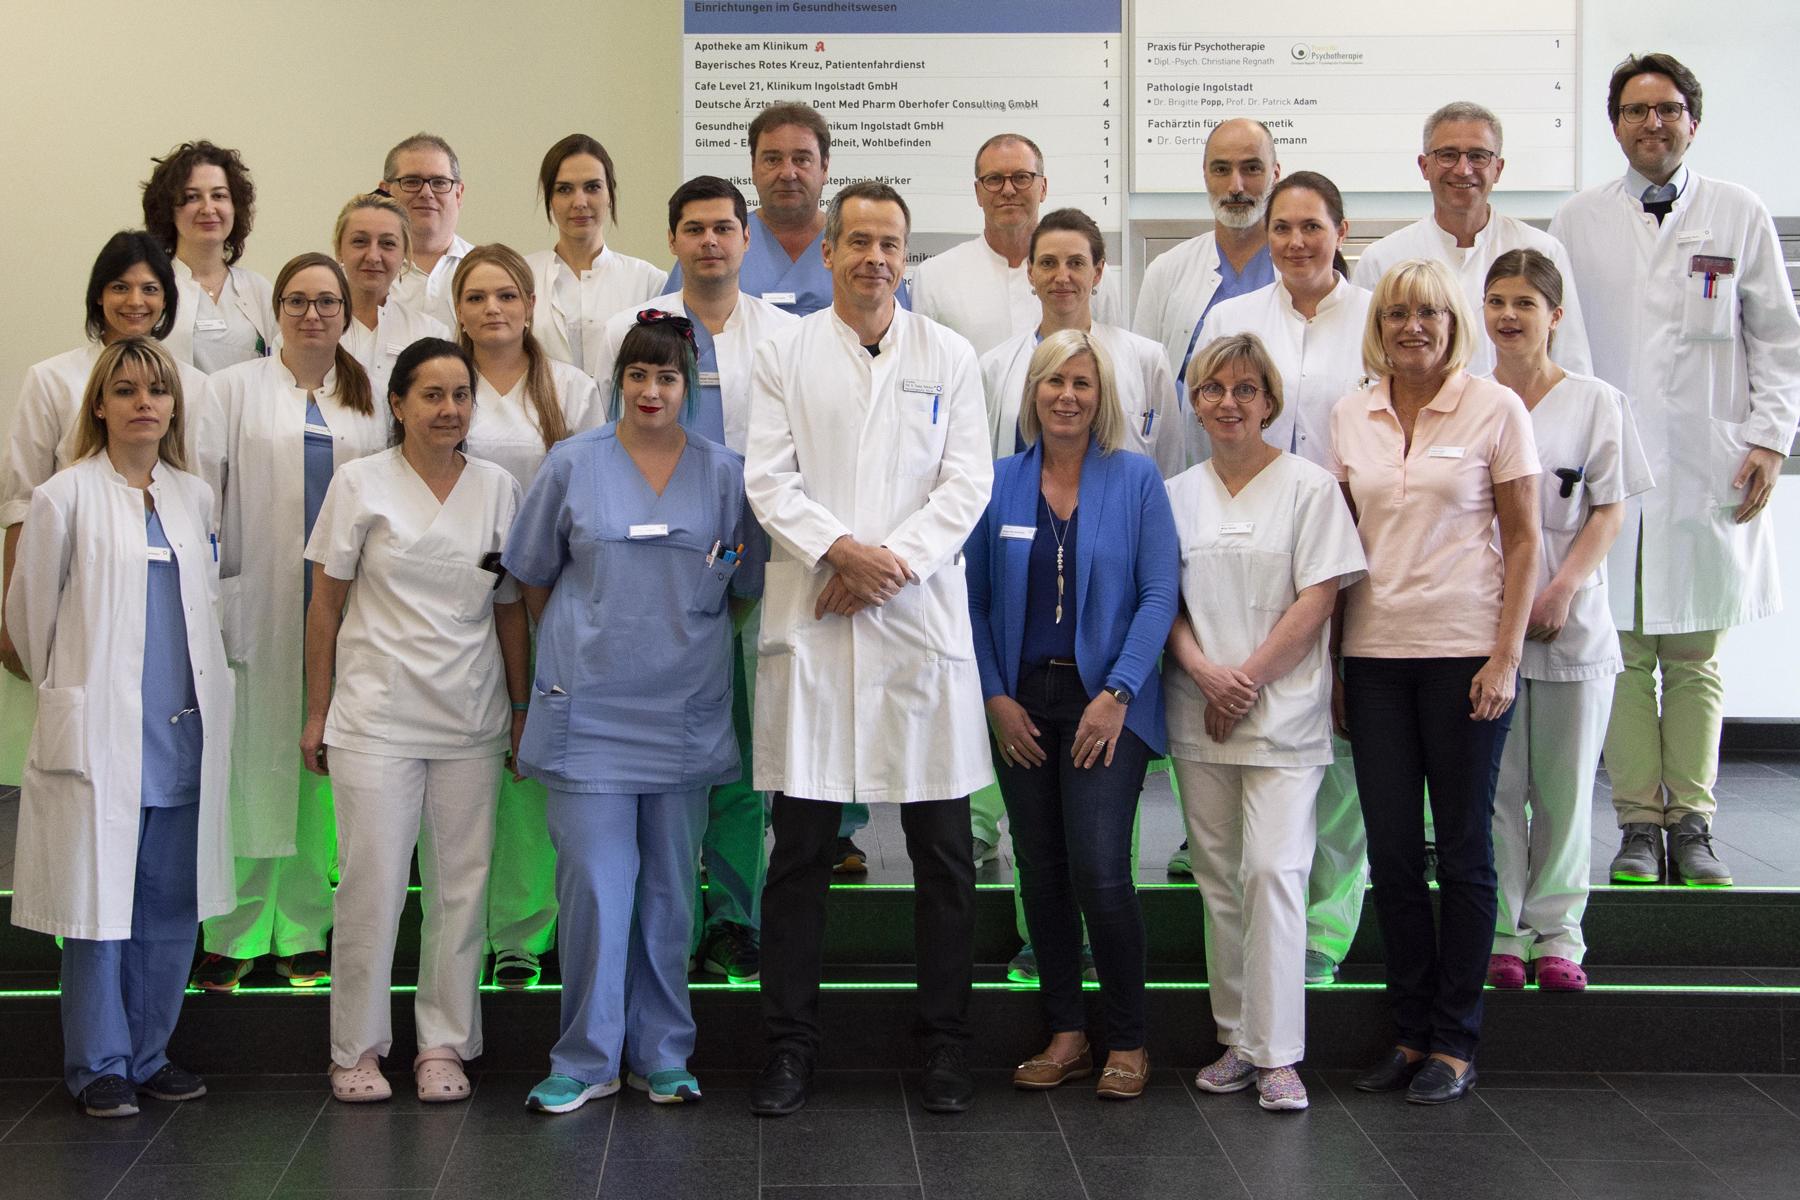 Das Team der Klinik für Neurologie im Klinikum Ingolstadt